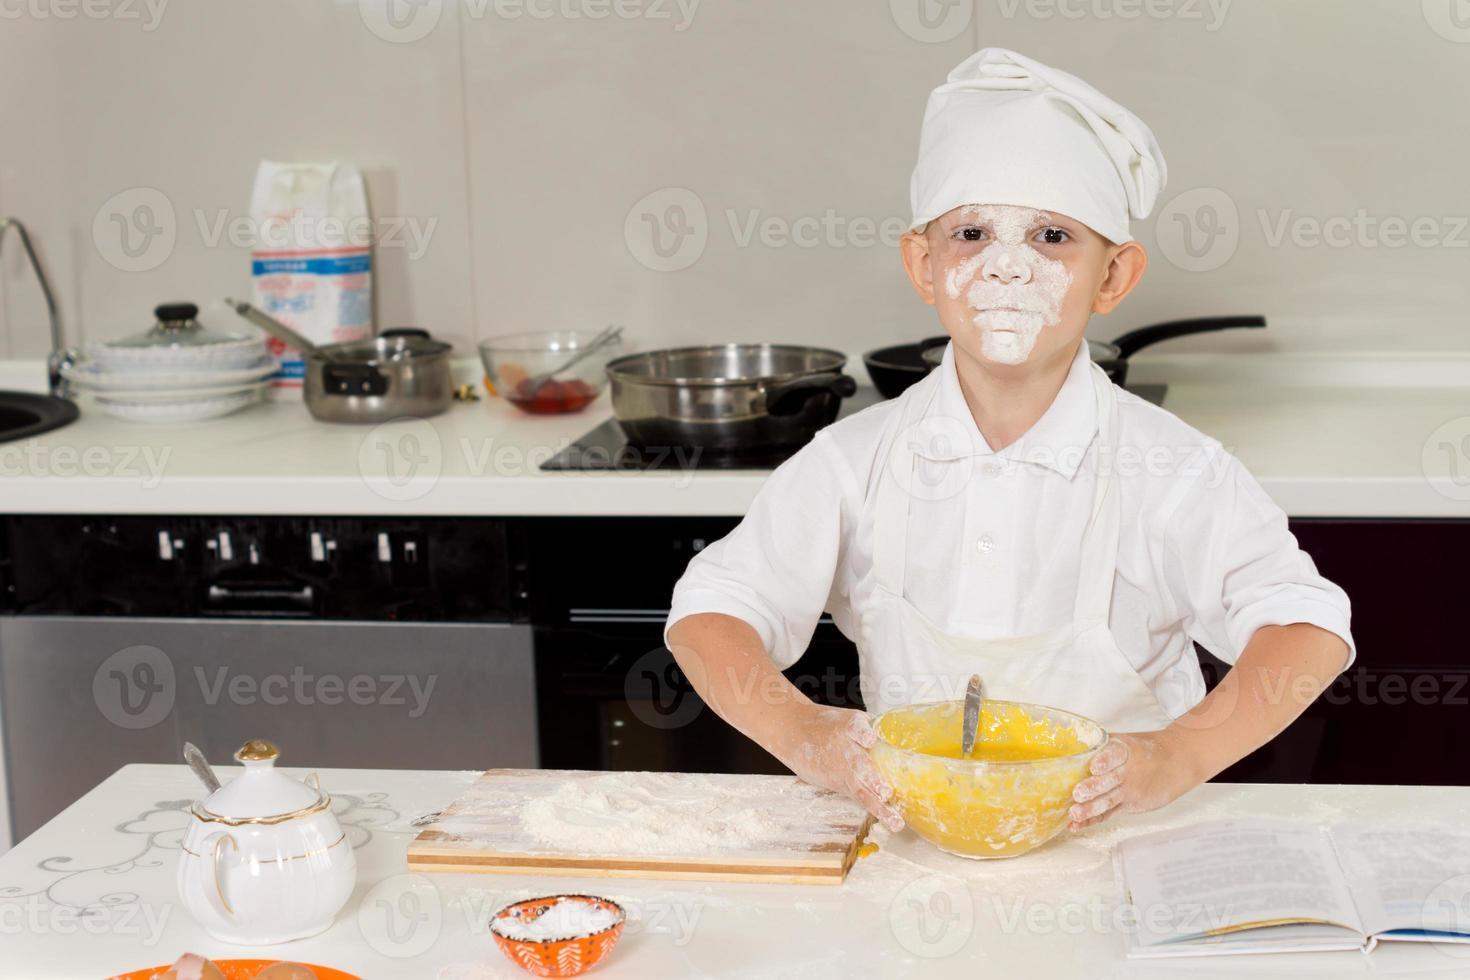 jeune chef avec de la farine sur son visage photo